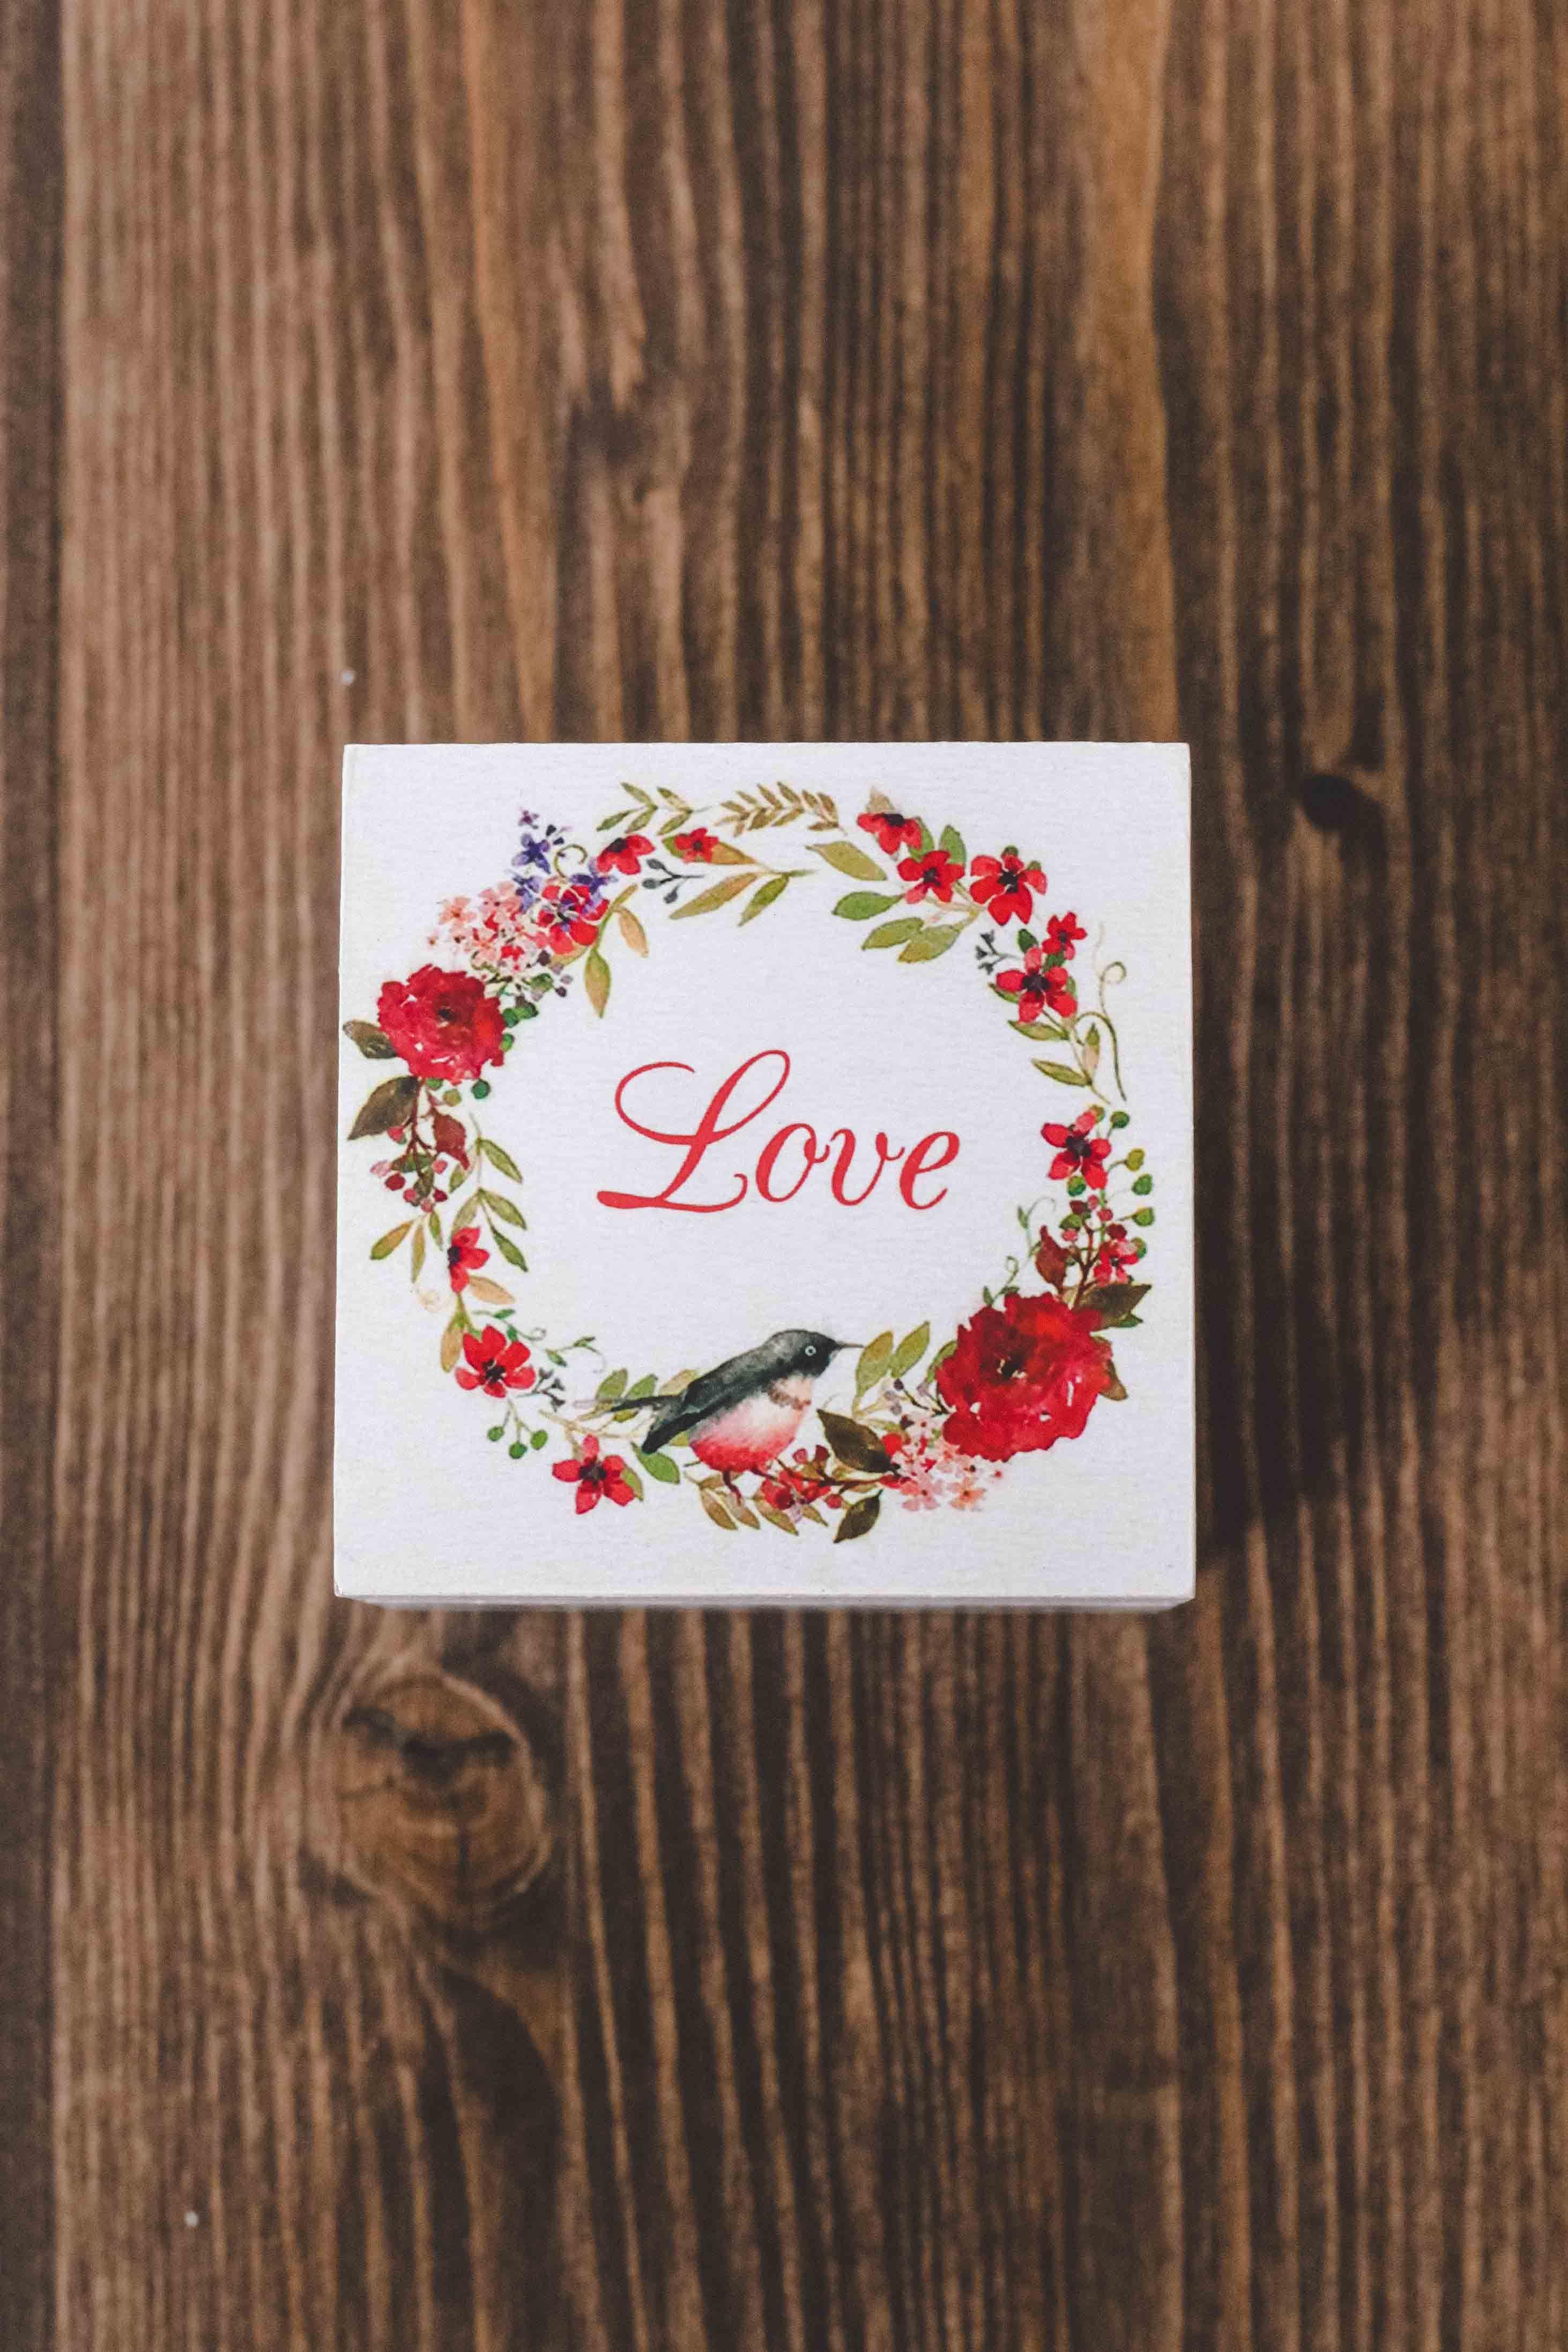 ba63734fca68 Свадебные шкатулки для колец ◈ Авторский Киоск Красивая шкатулочка на  свадьбу! Хит сезона!